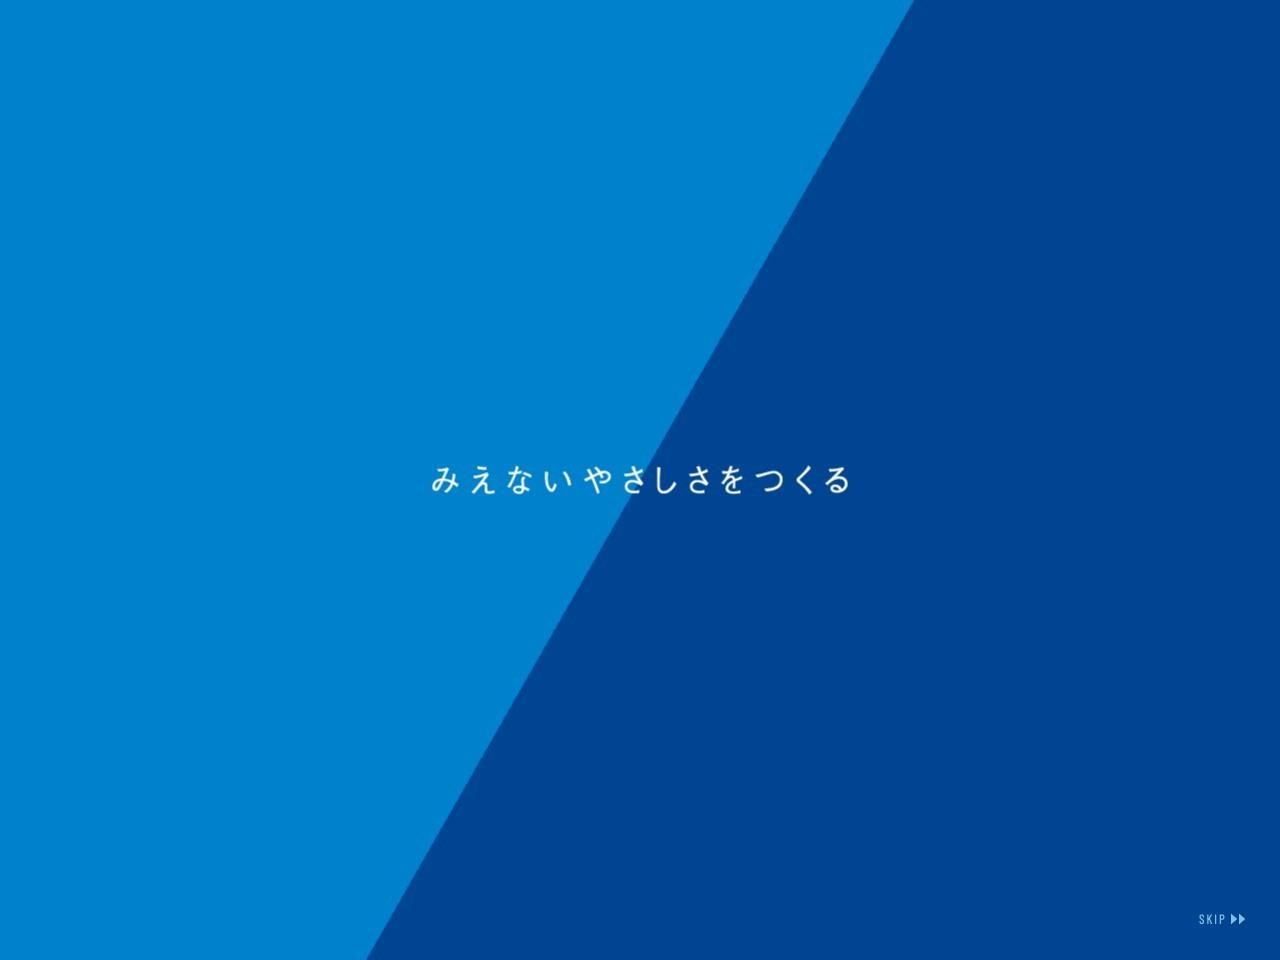 株式会社サンクリーン鳥取